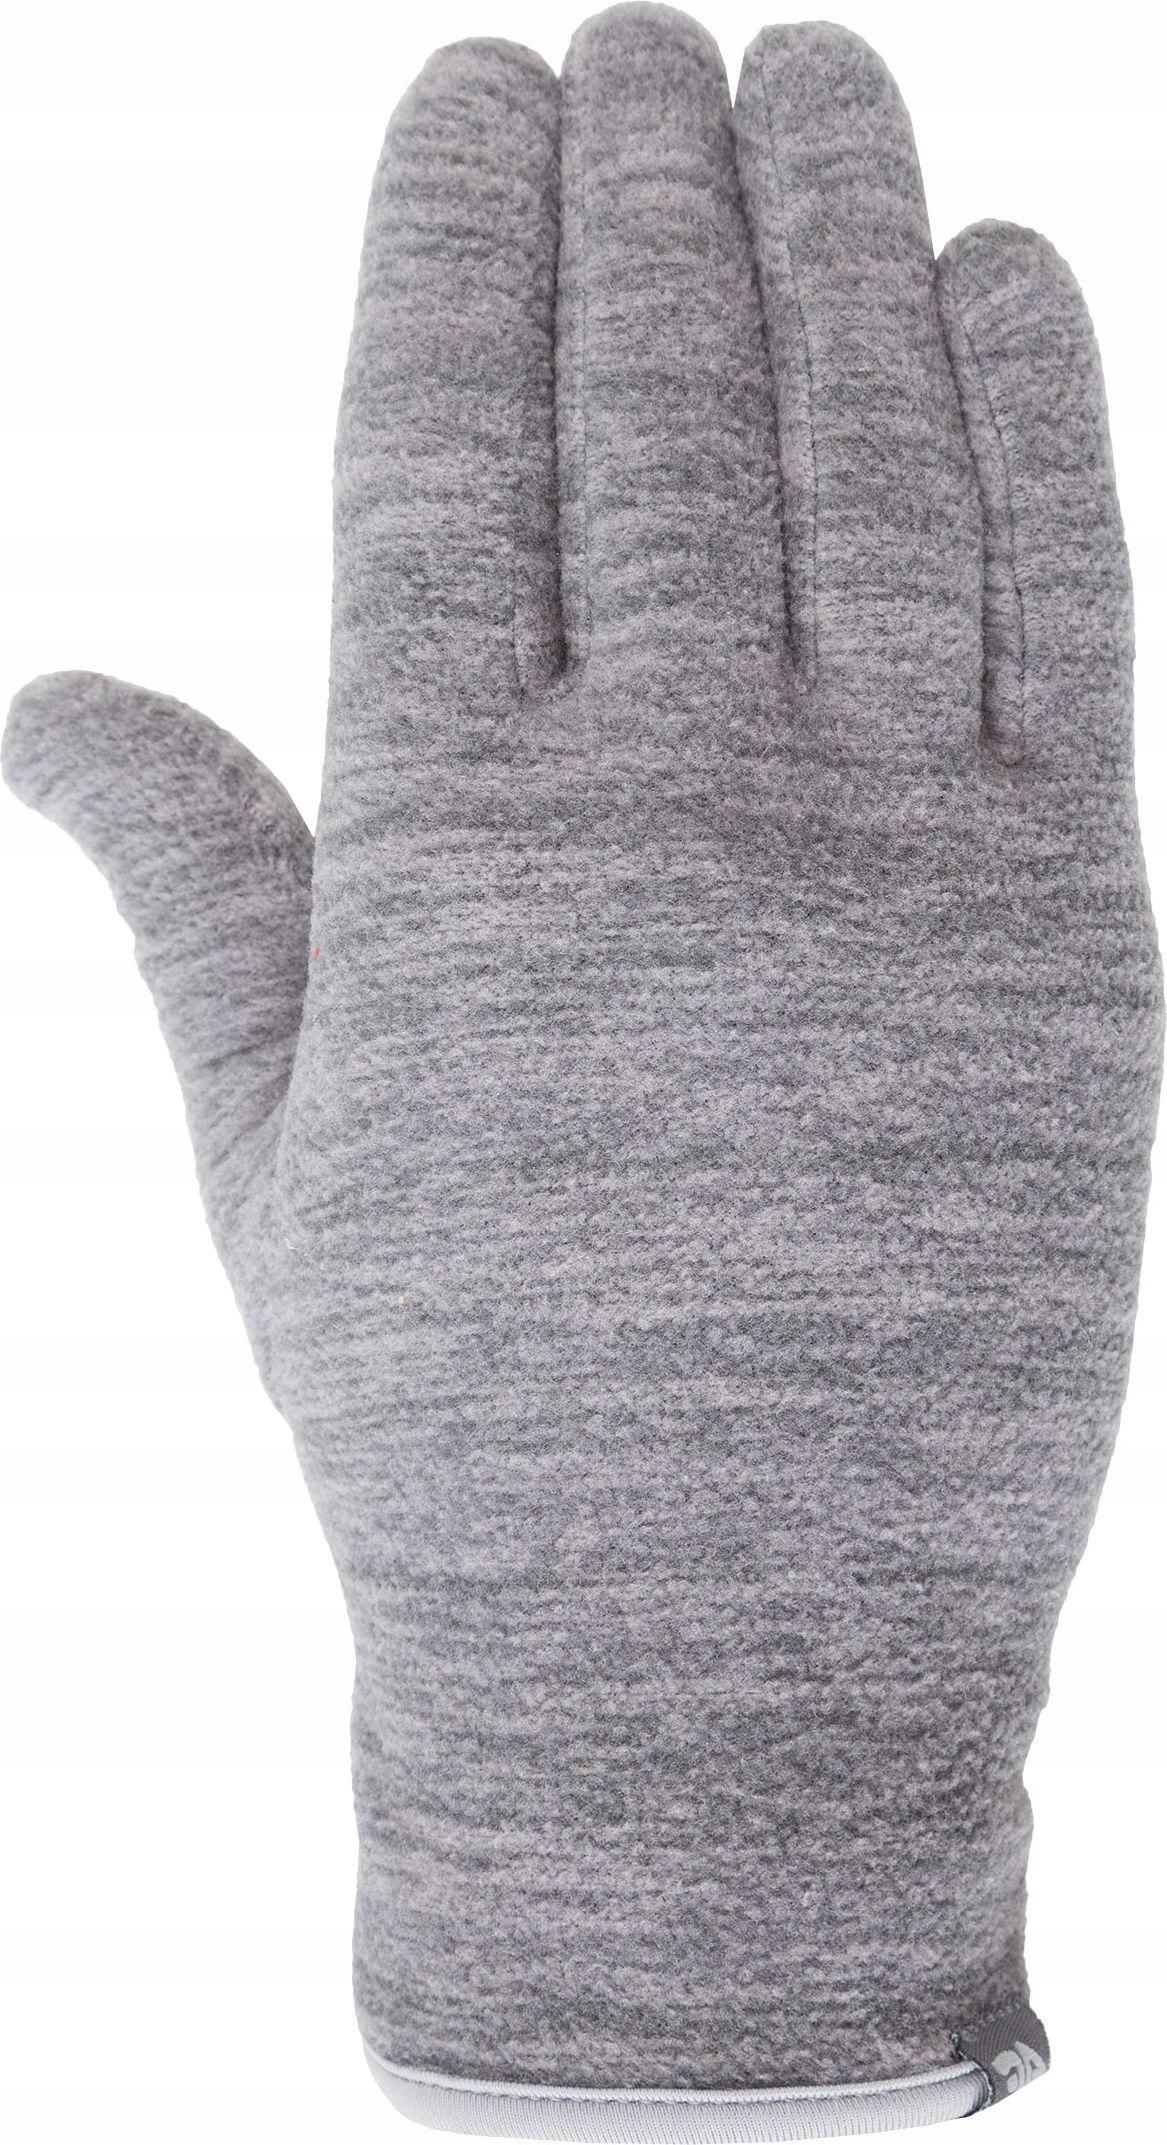 4f Rękawiczki unixex H4-REU001 r. XL